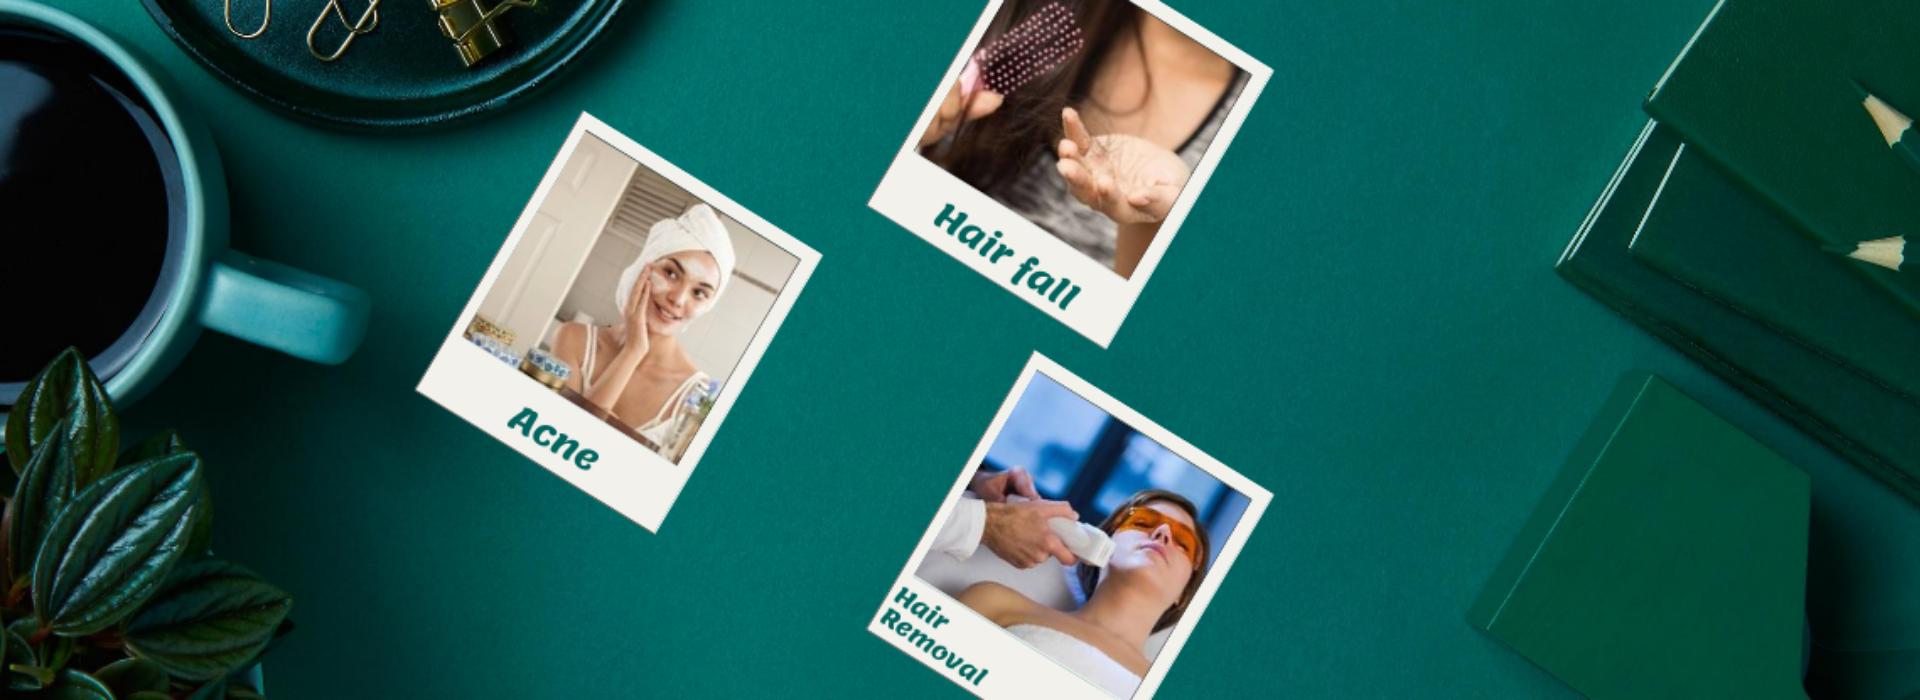 Urmil Skin Clinic